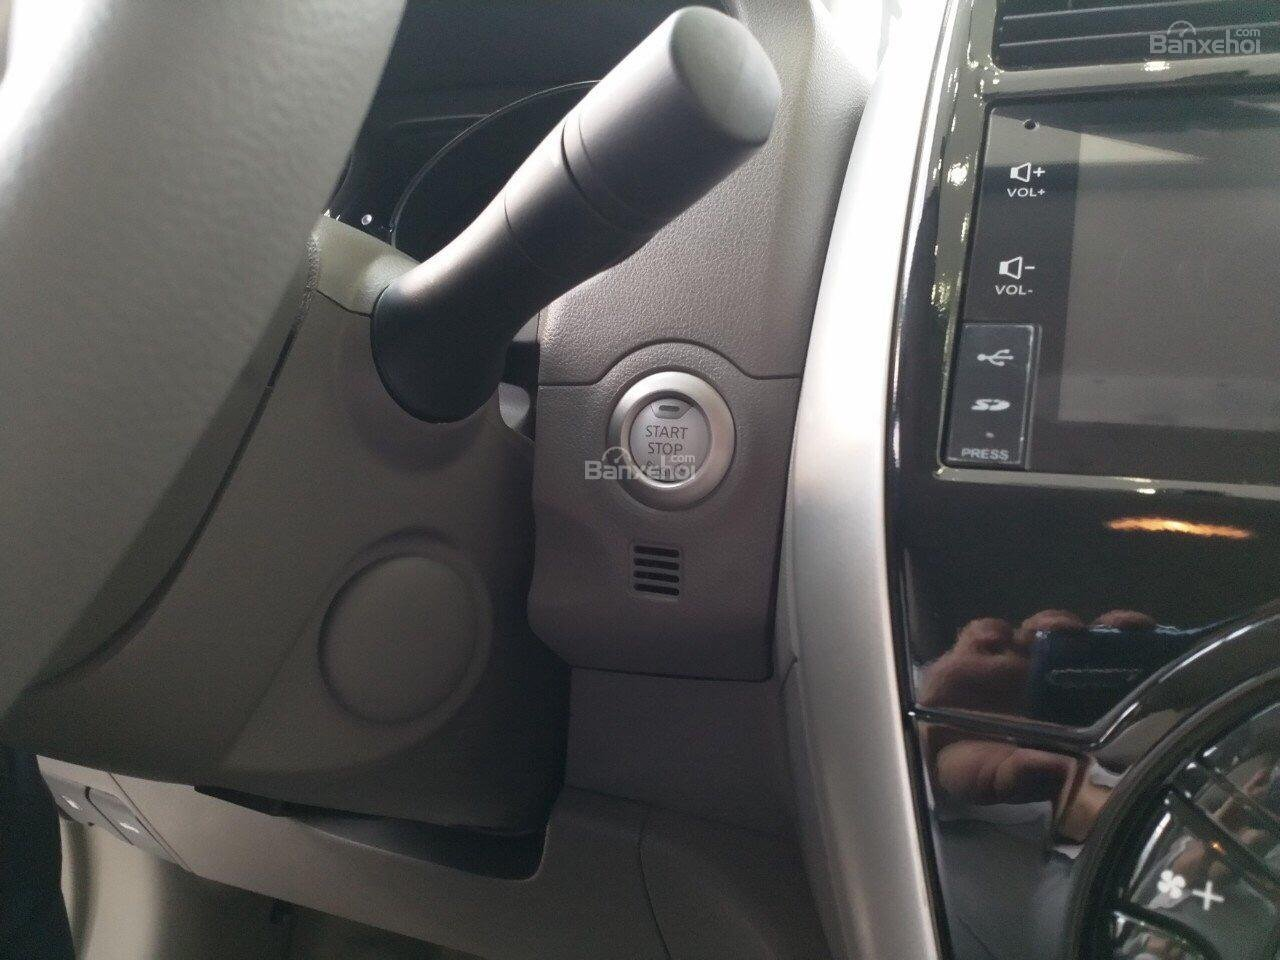 Bán Nissan Sunny XV-Q-Series - phiên bản bản hoàn toàn mới - giảm giá lên đến 40 triệu đồng-6